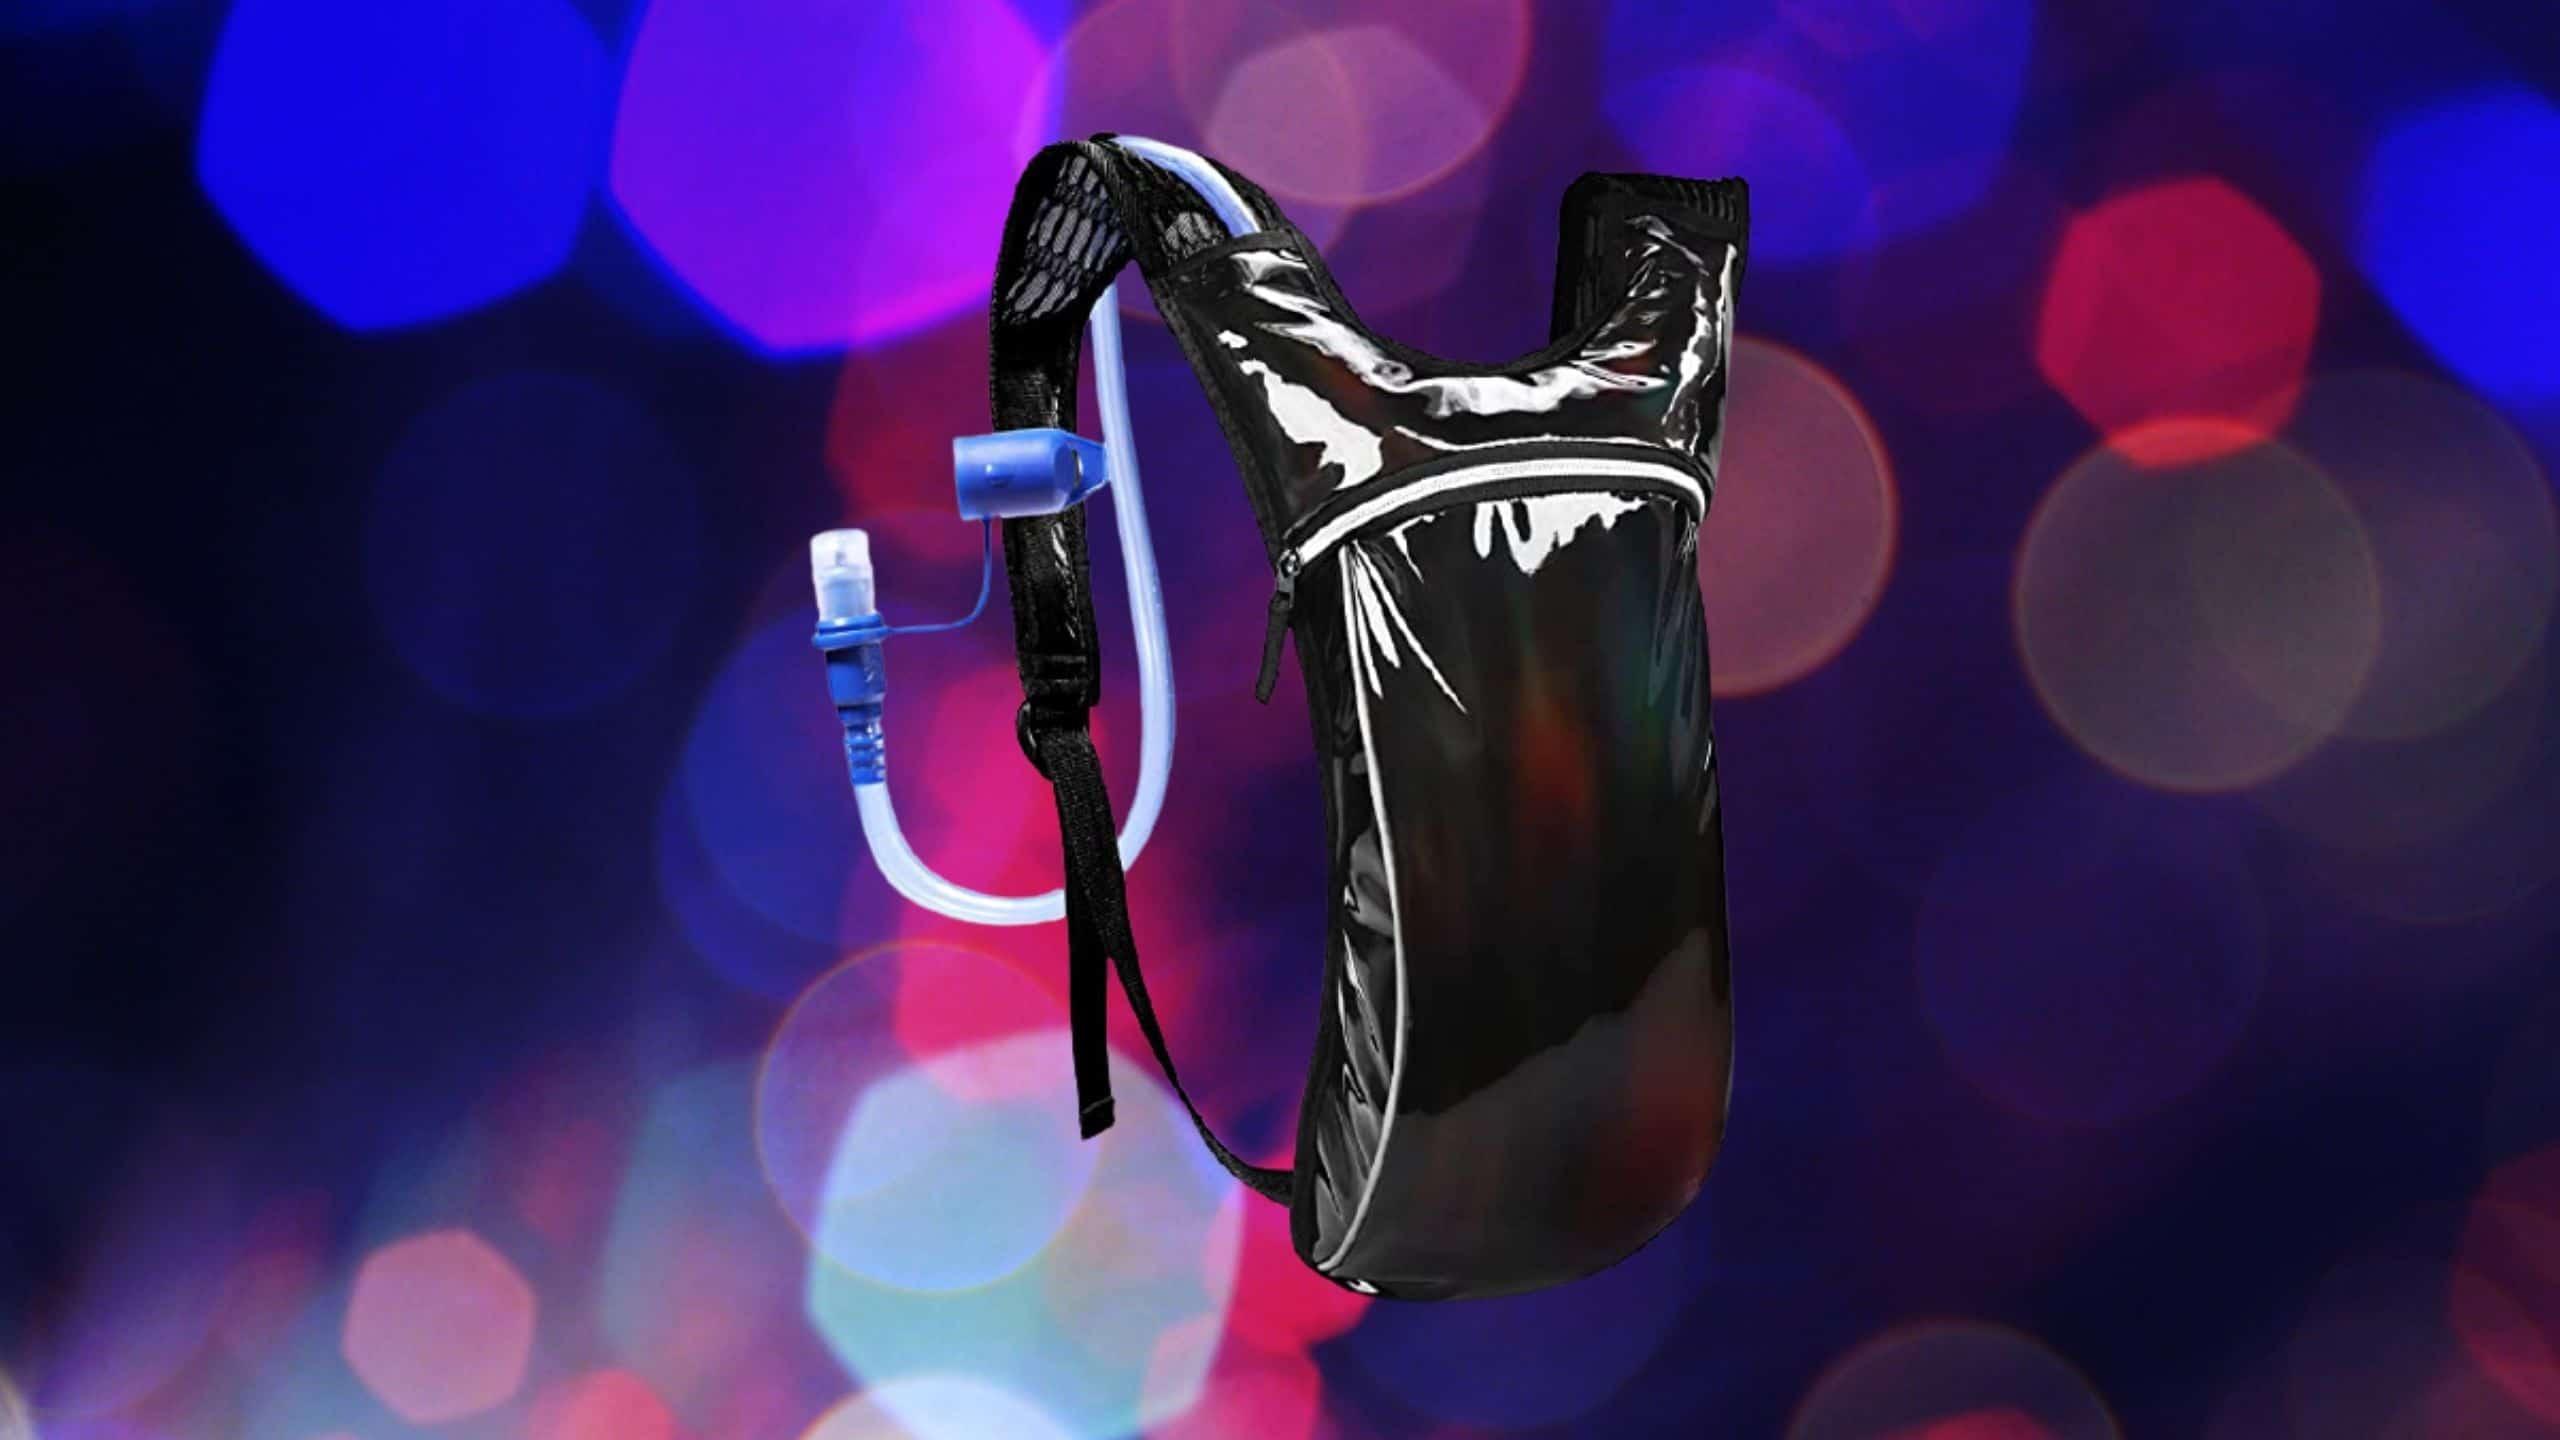 SKL Hydration Pack for Music Festivals